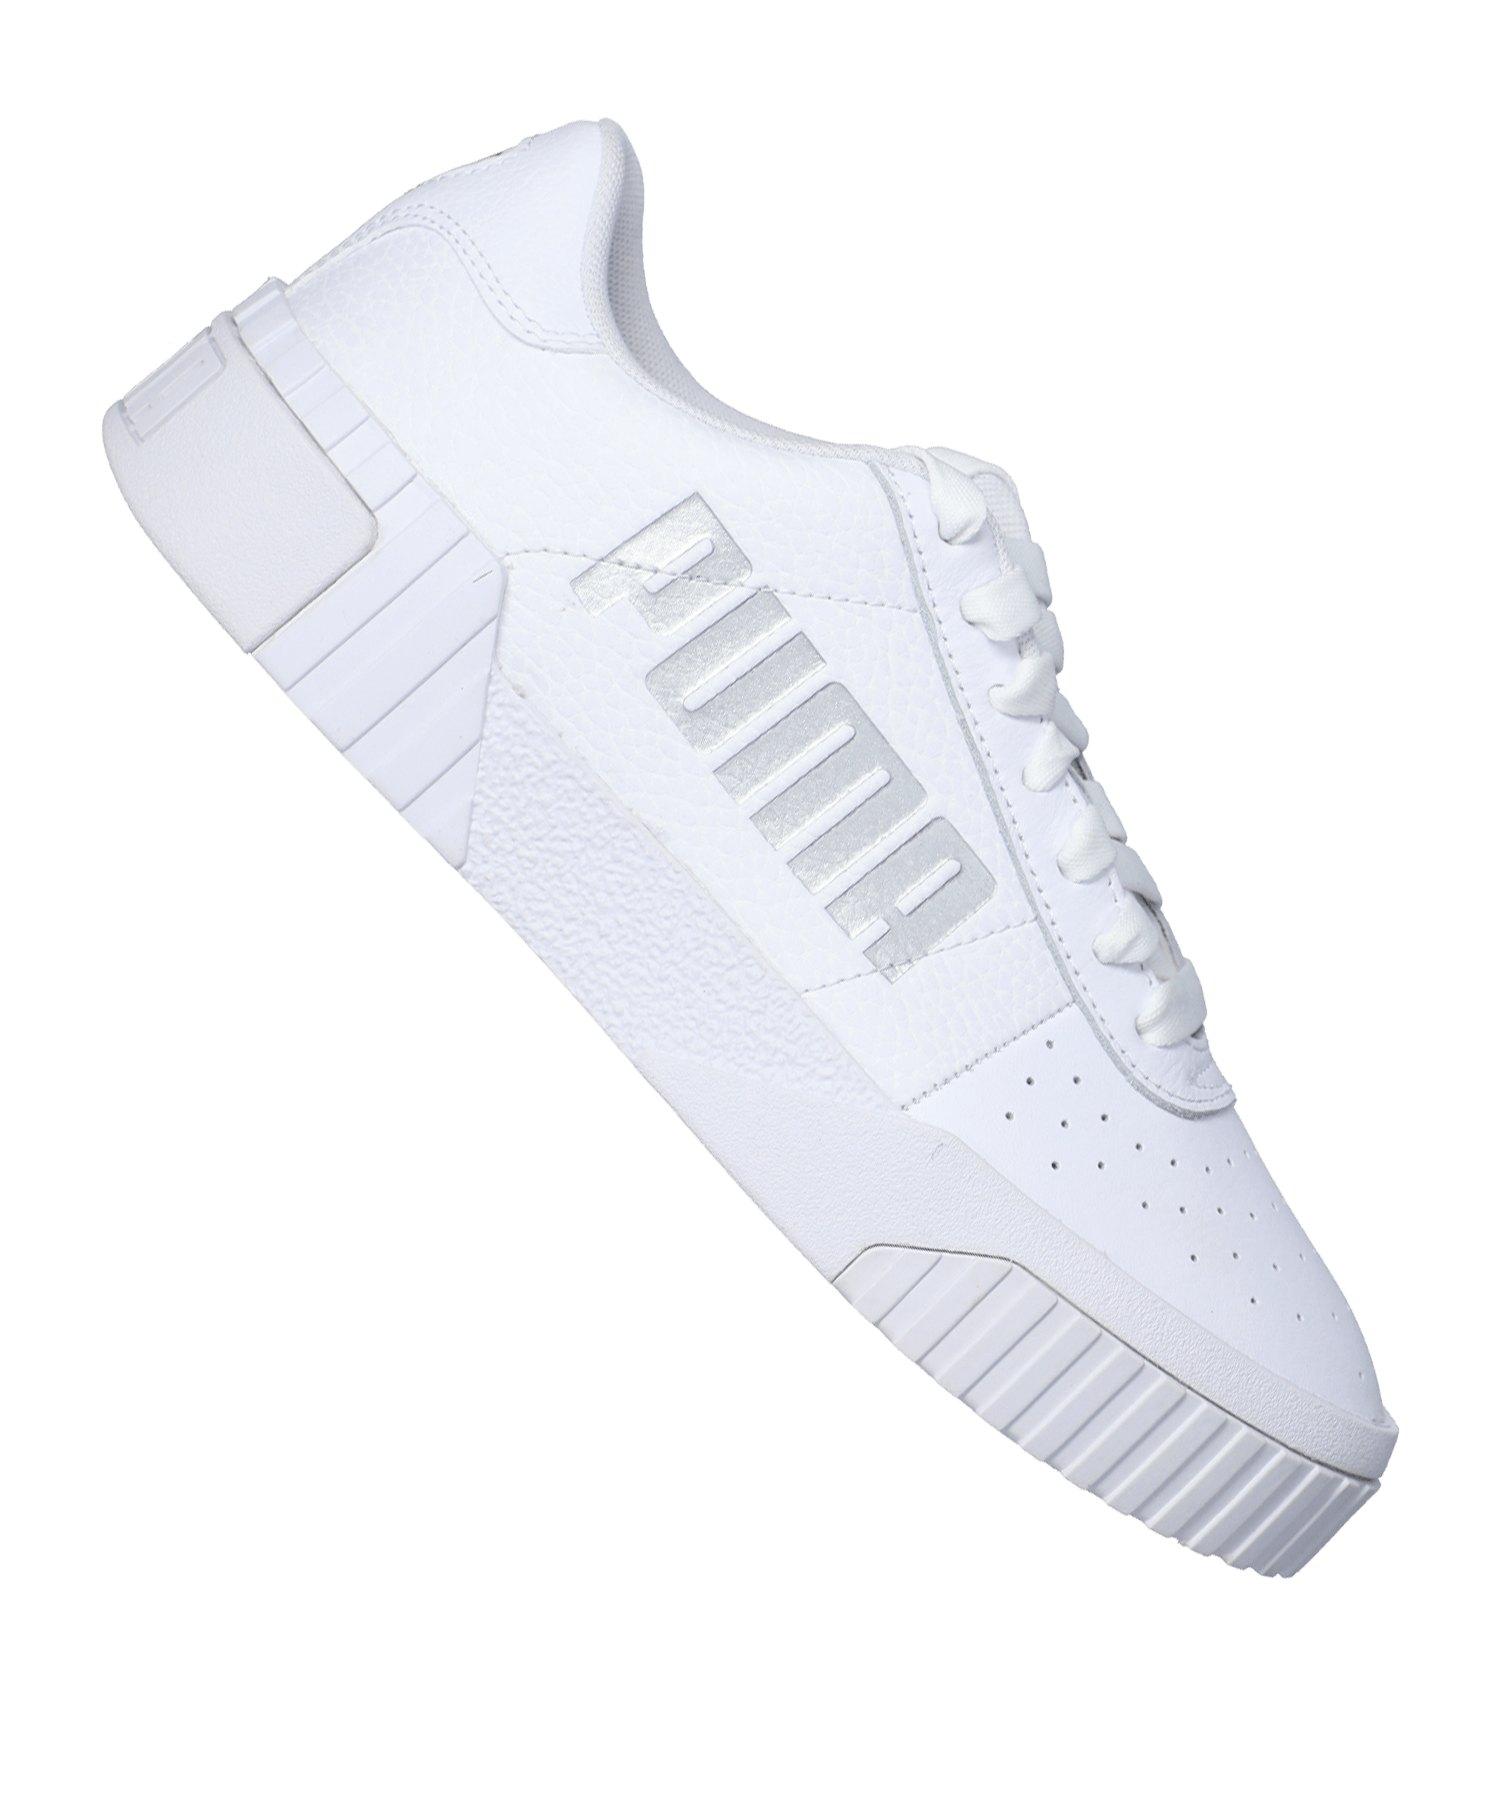 PUMA Cali Statement Sneaker Damen Weiss F01 - weiss